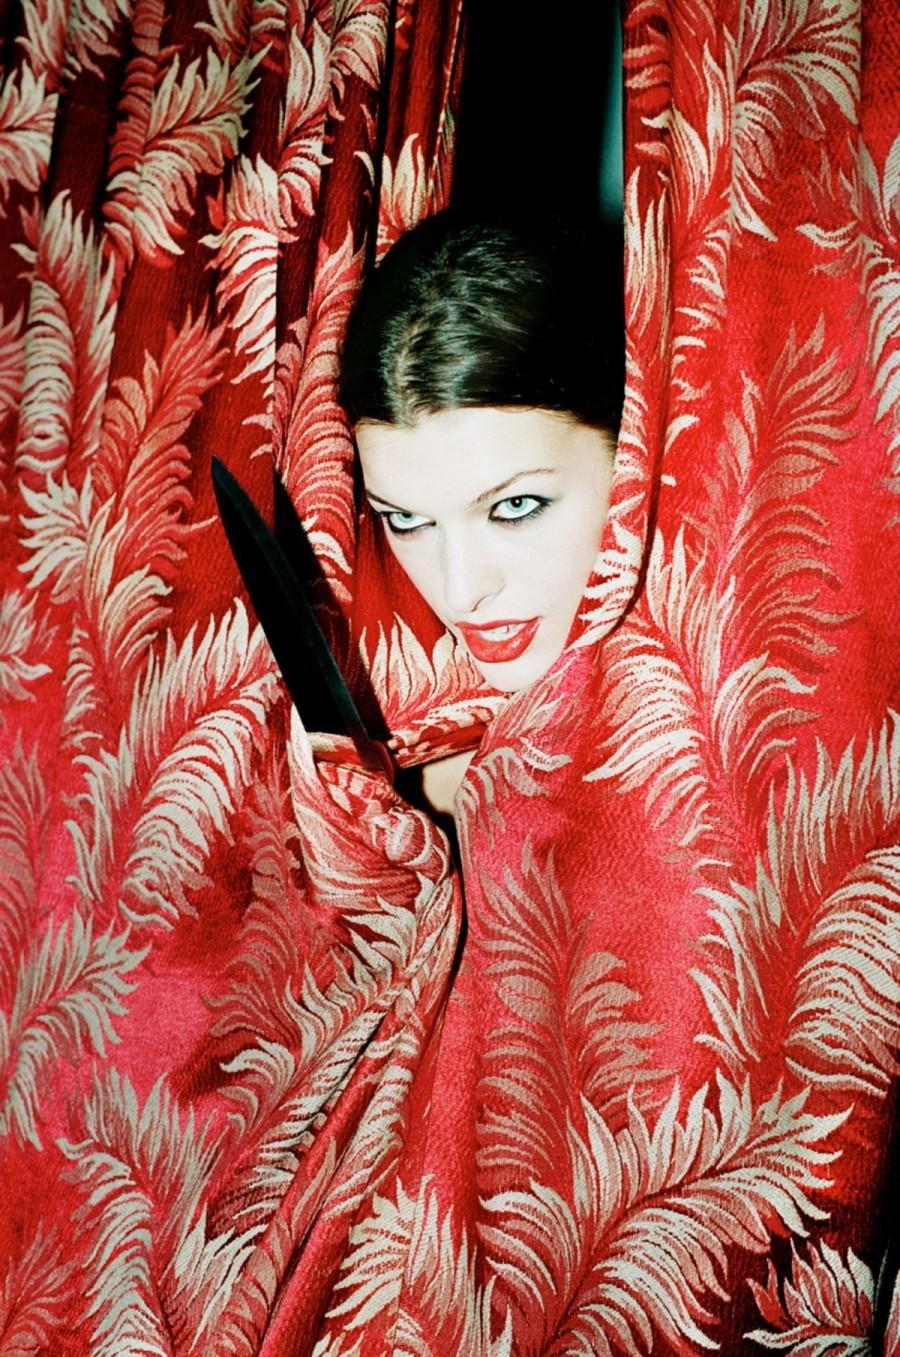 Милла Йовович (Milla Jovovich) в фотосессии Криса Флойда